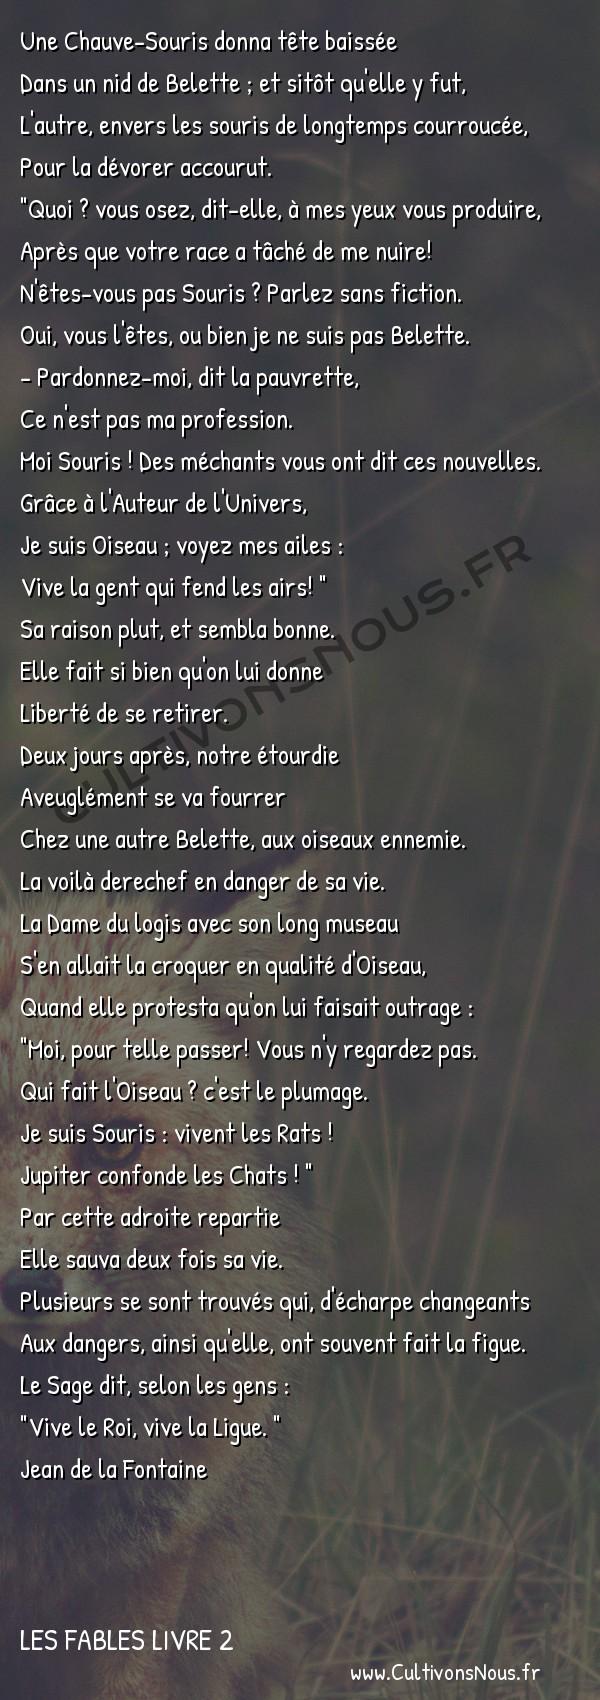 Fables Jean de la Fontaine - Les fables Livre 2 - La Chauve-souris et les deux Belettes -   Une Chauve-Souris donna tête baissée Dans un nid de Belette ; et sitôt qu'elle y fut,